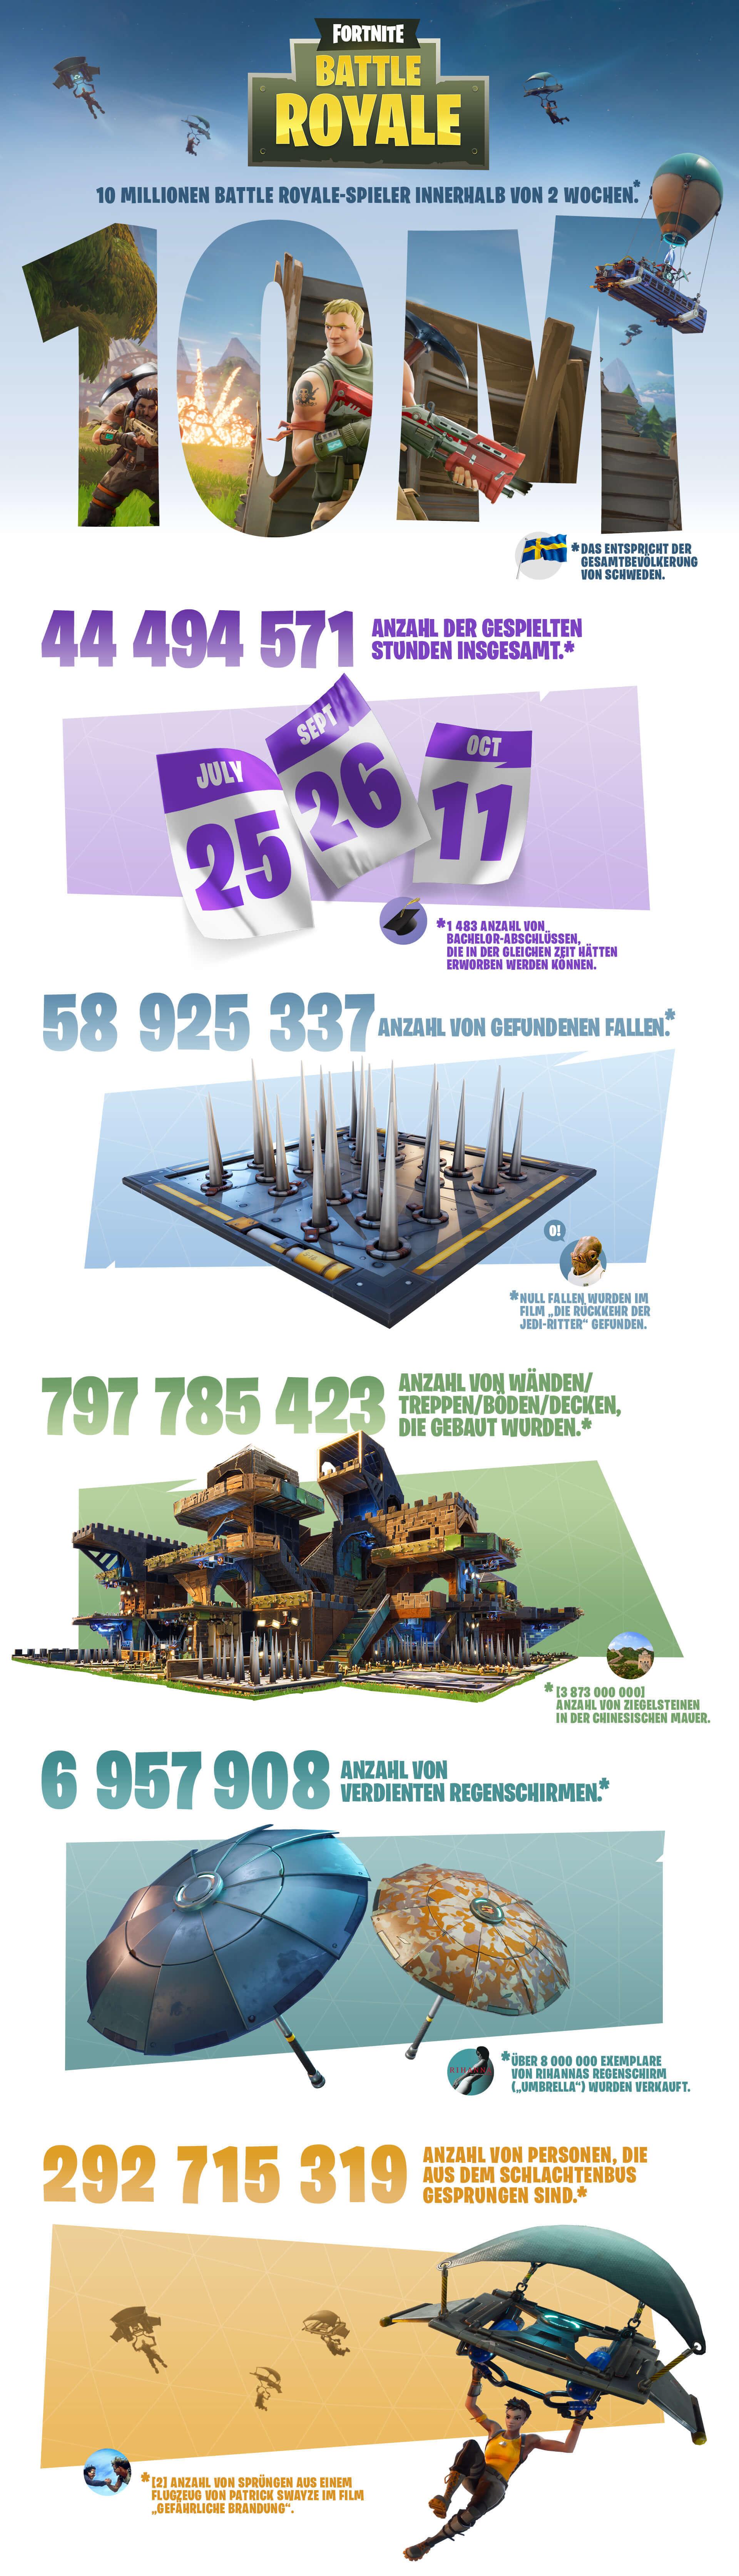 infografikmpsqw.jpg